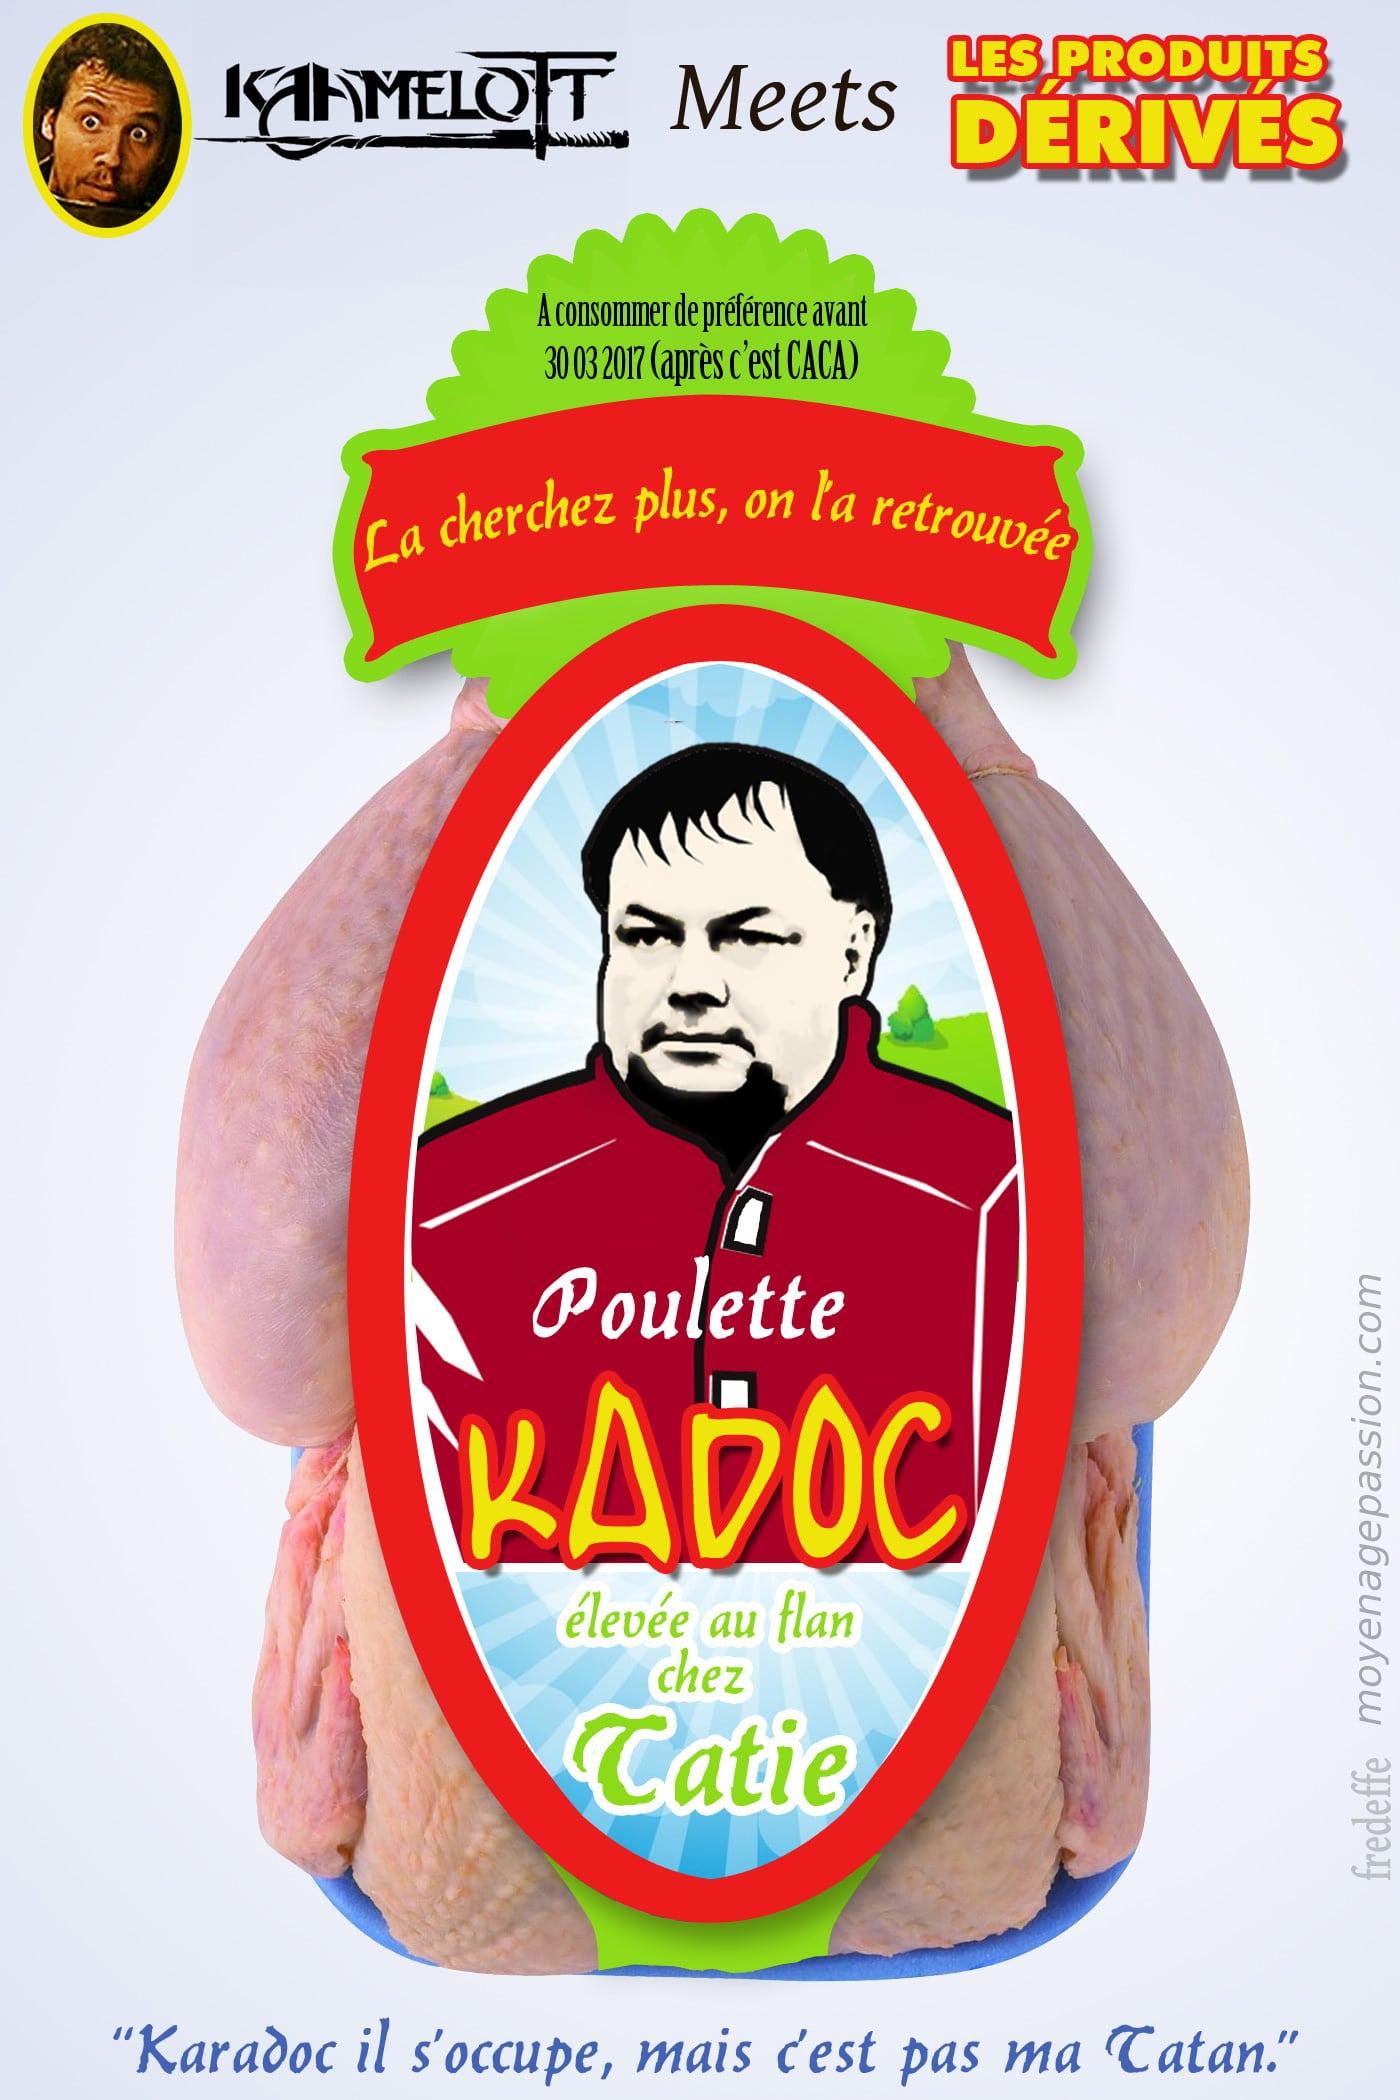 Kadoc et la poulette, moment culte de la série Kaamelott d'Alexandre Astier avec Brice Fournier